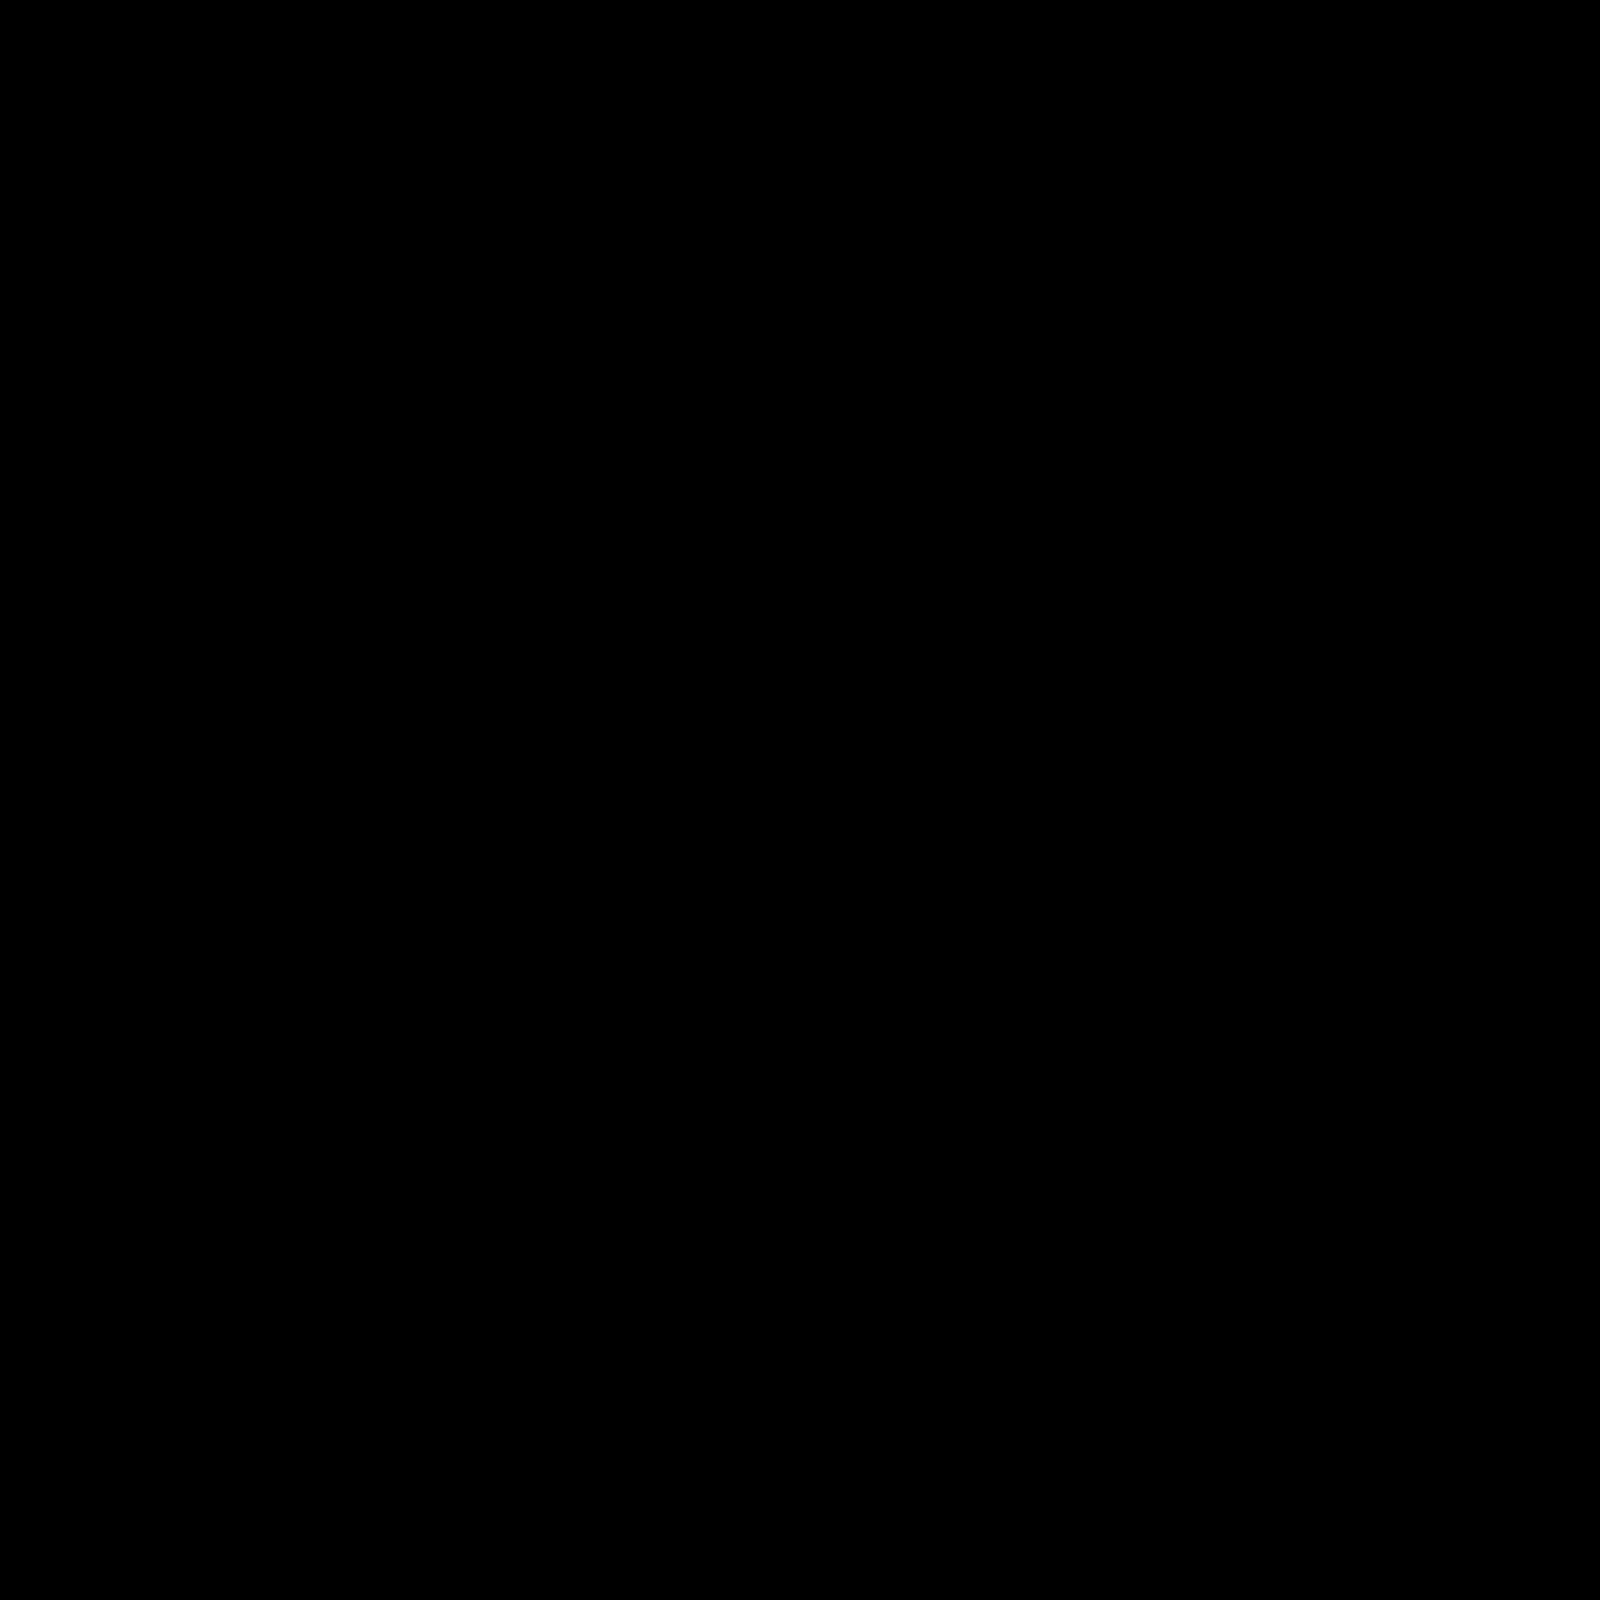 Кок-женщина icon